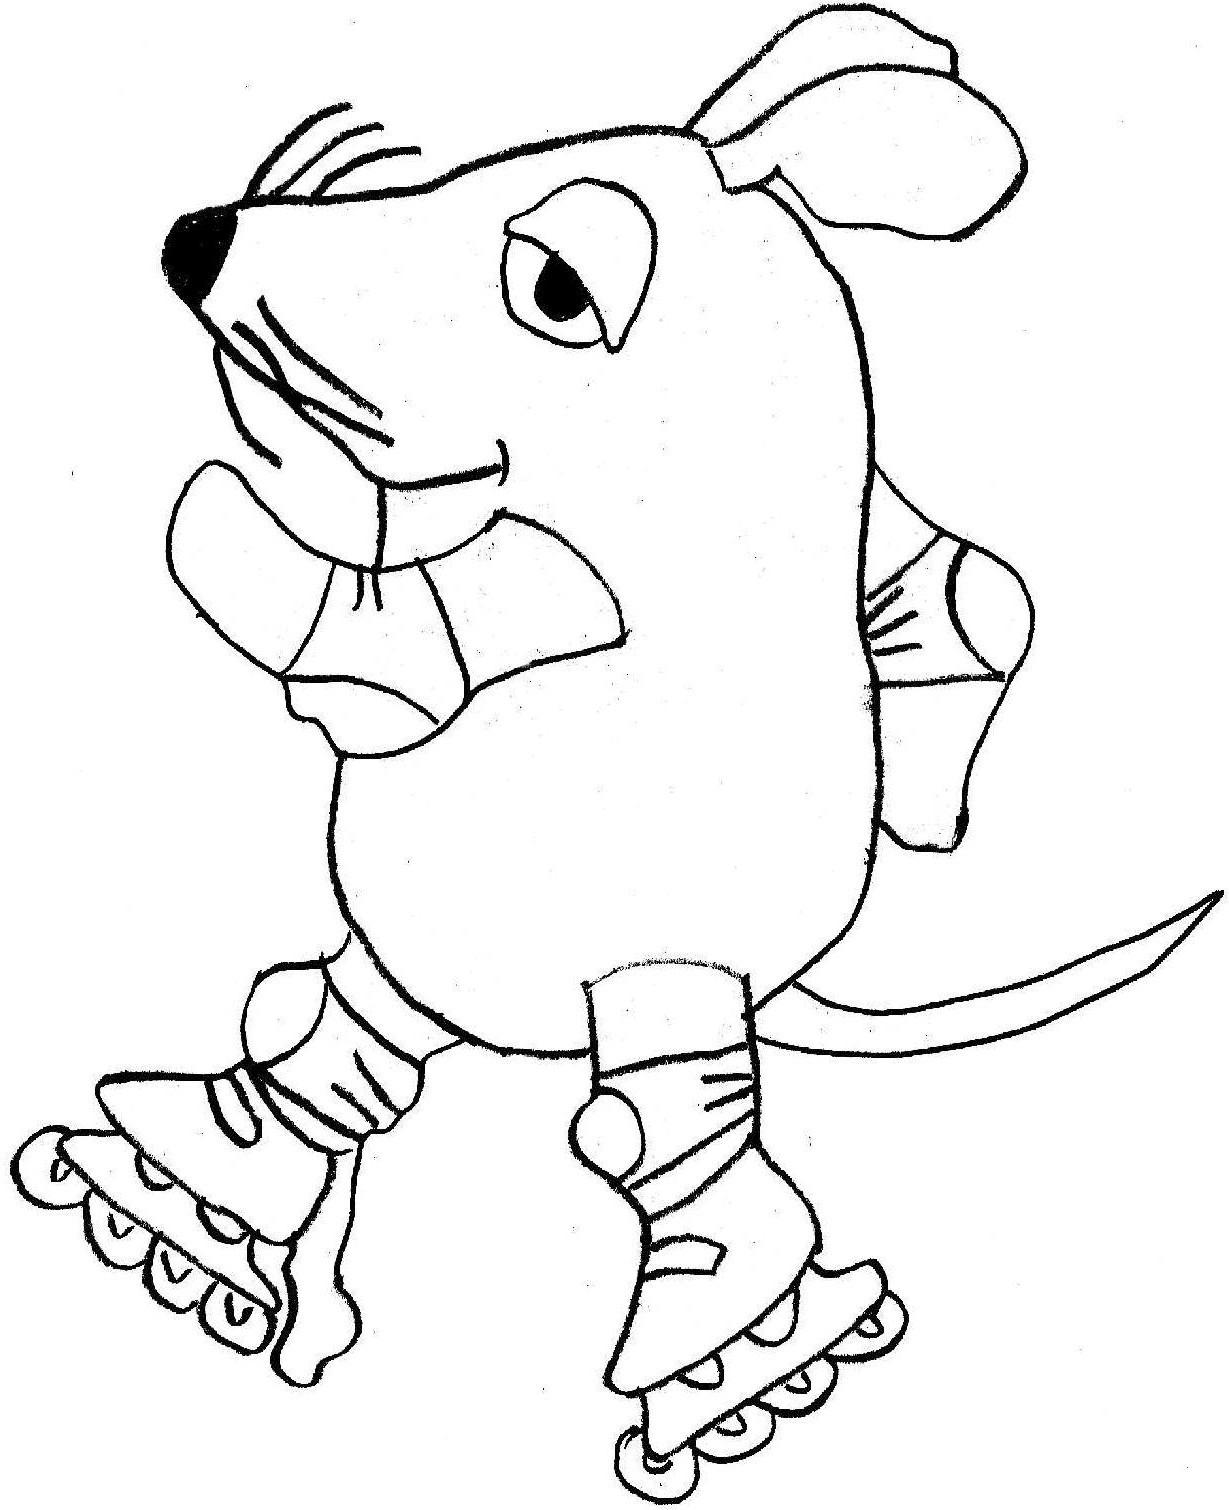 Sendung Mit Der Maus Ausmalbilder Genial 34 Einzigartig Ausmalbilder Kikaninchen – Malvorlagen Ideen Sammlung